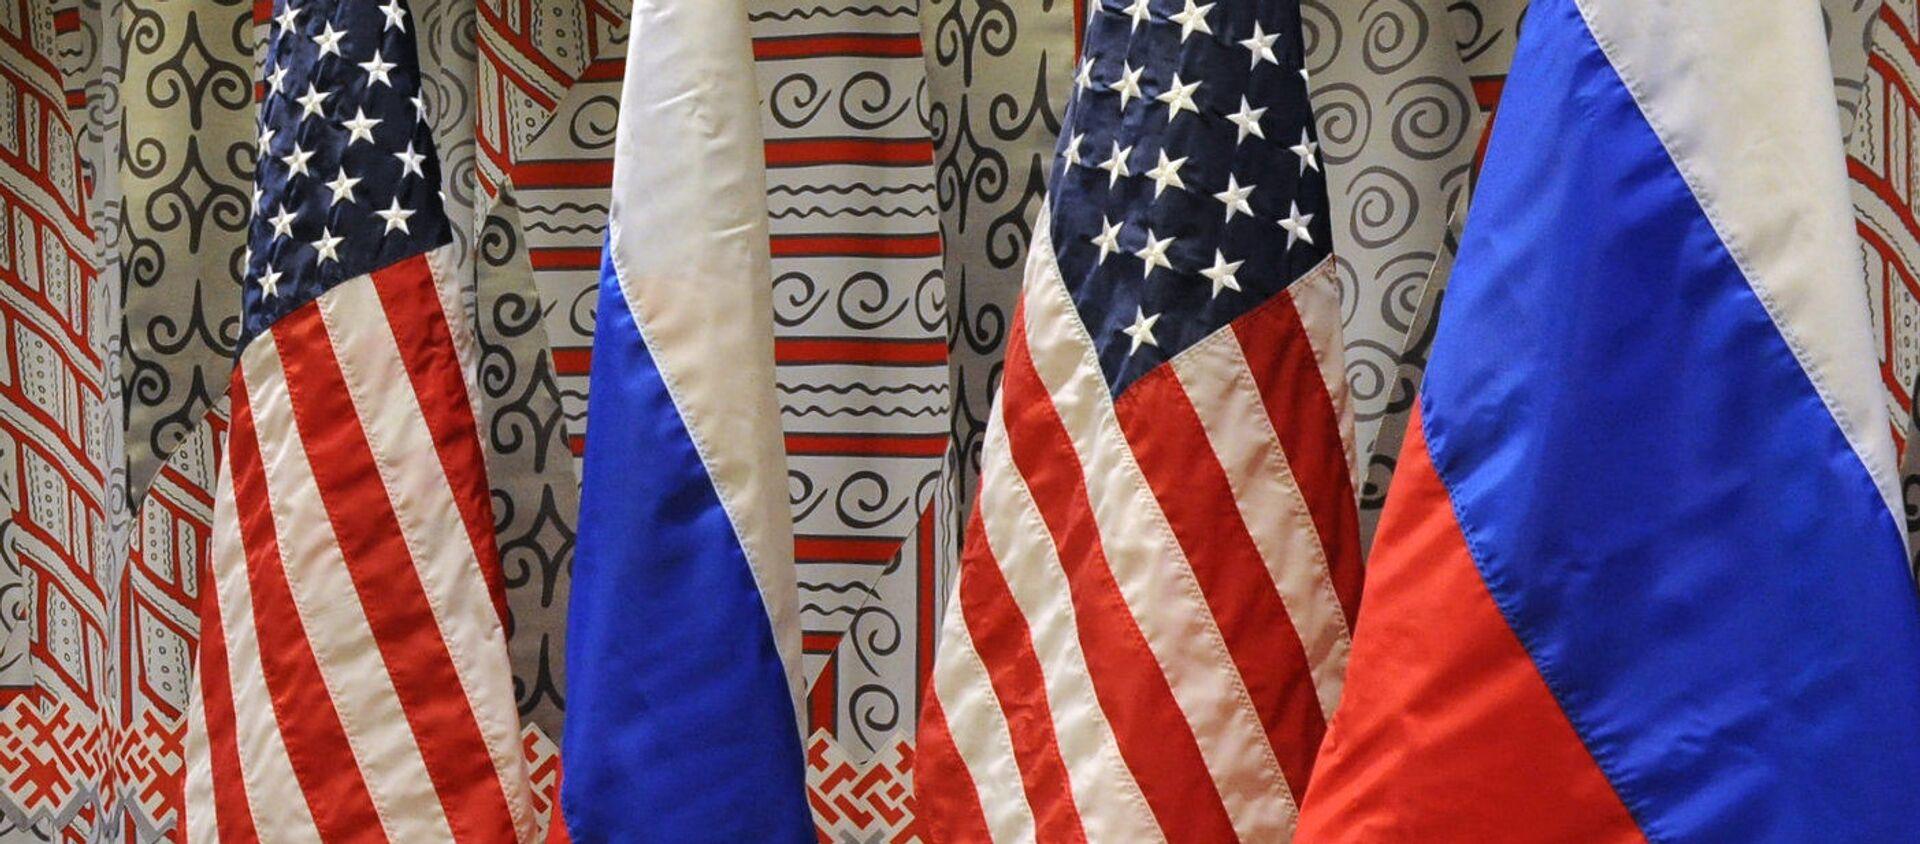 ロシアと米国の旗 - Sputnik 日本, 1920, 11.07.2021